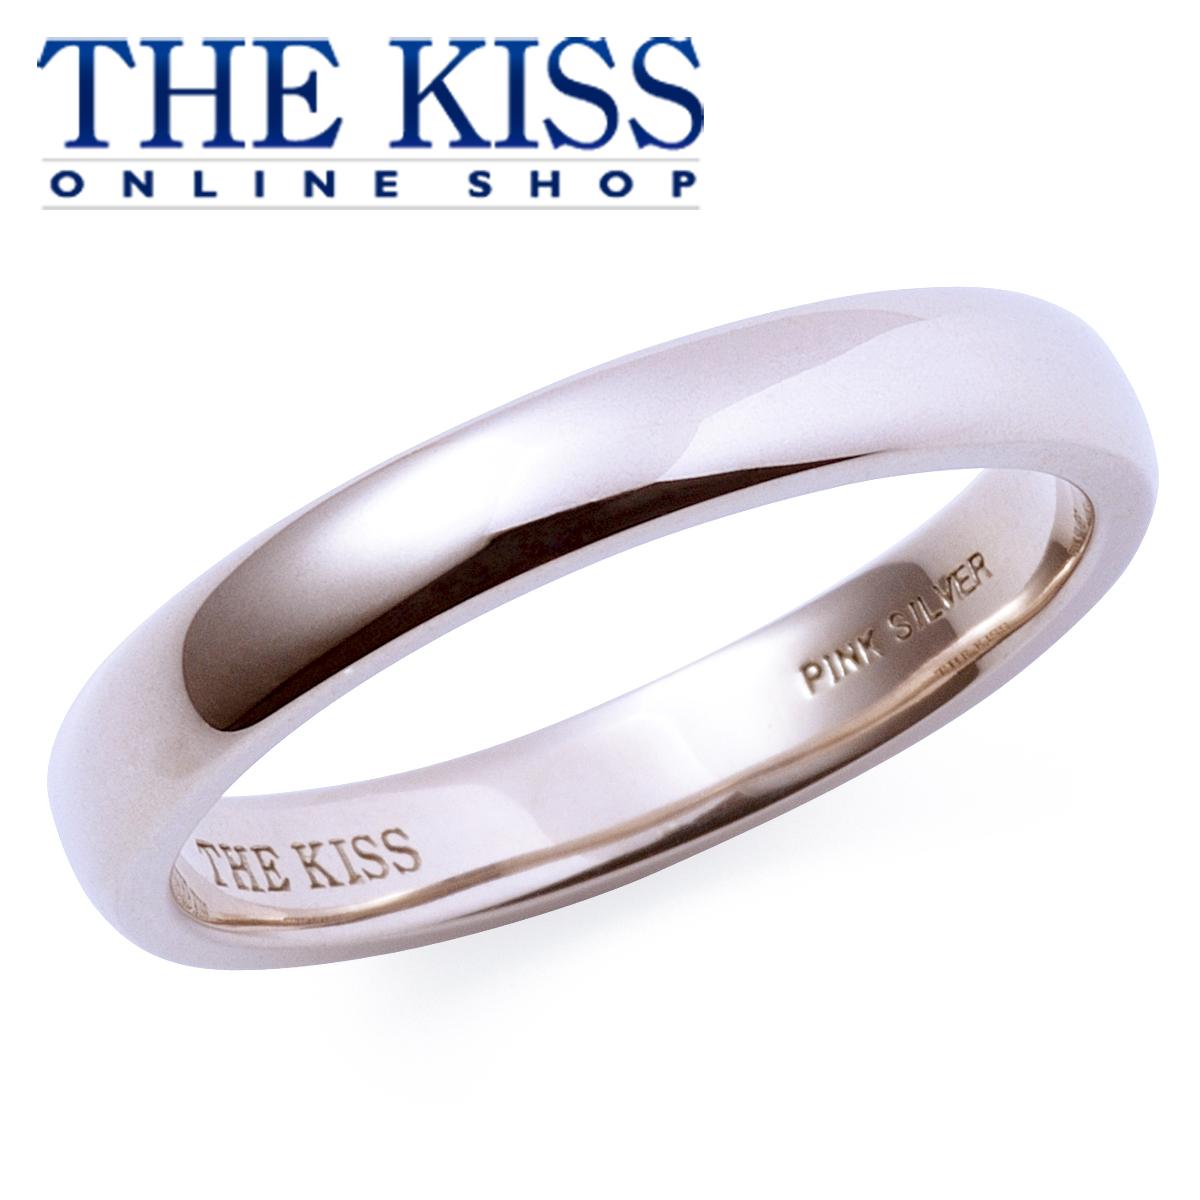 【あす楽対応】THE KISS 公式サイト ピンクシルバー ペアリング ( レディース 単品 ) ペアアクセサリー カップル に 人気 の ジュエリーブランド ペア リング・指輪 PSV1325 ザキス 【送料無料】